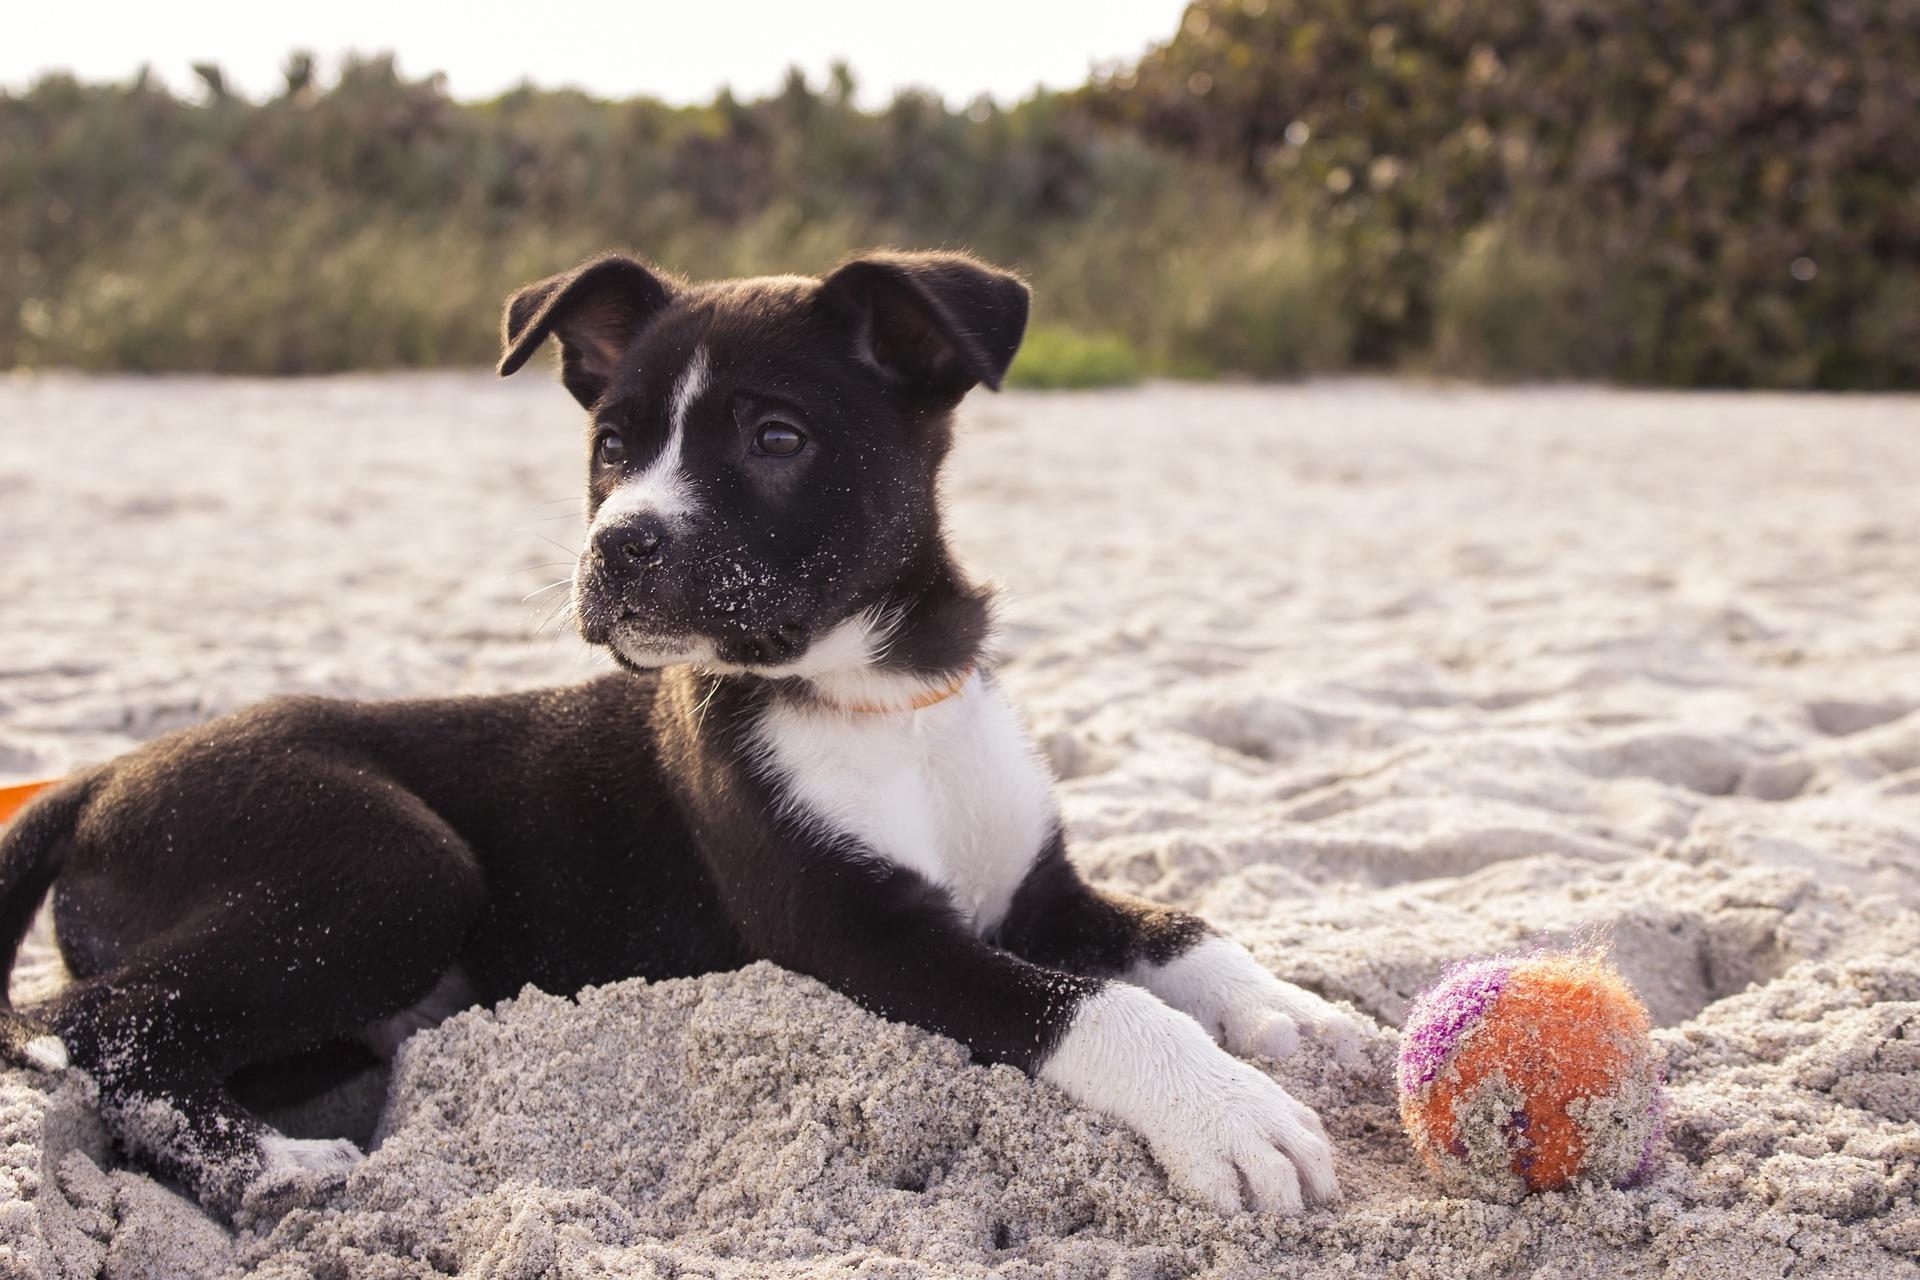 Jakość opieki nad szczeniakiem determinuje późniejsze zachowania psów i decyduje o zdrowiu psychicznym i fizycznym zwierzęcia.